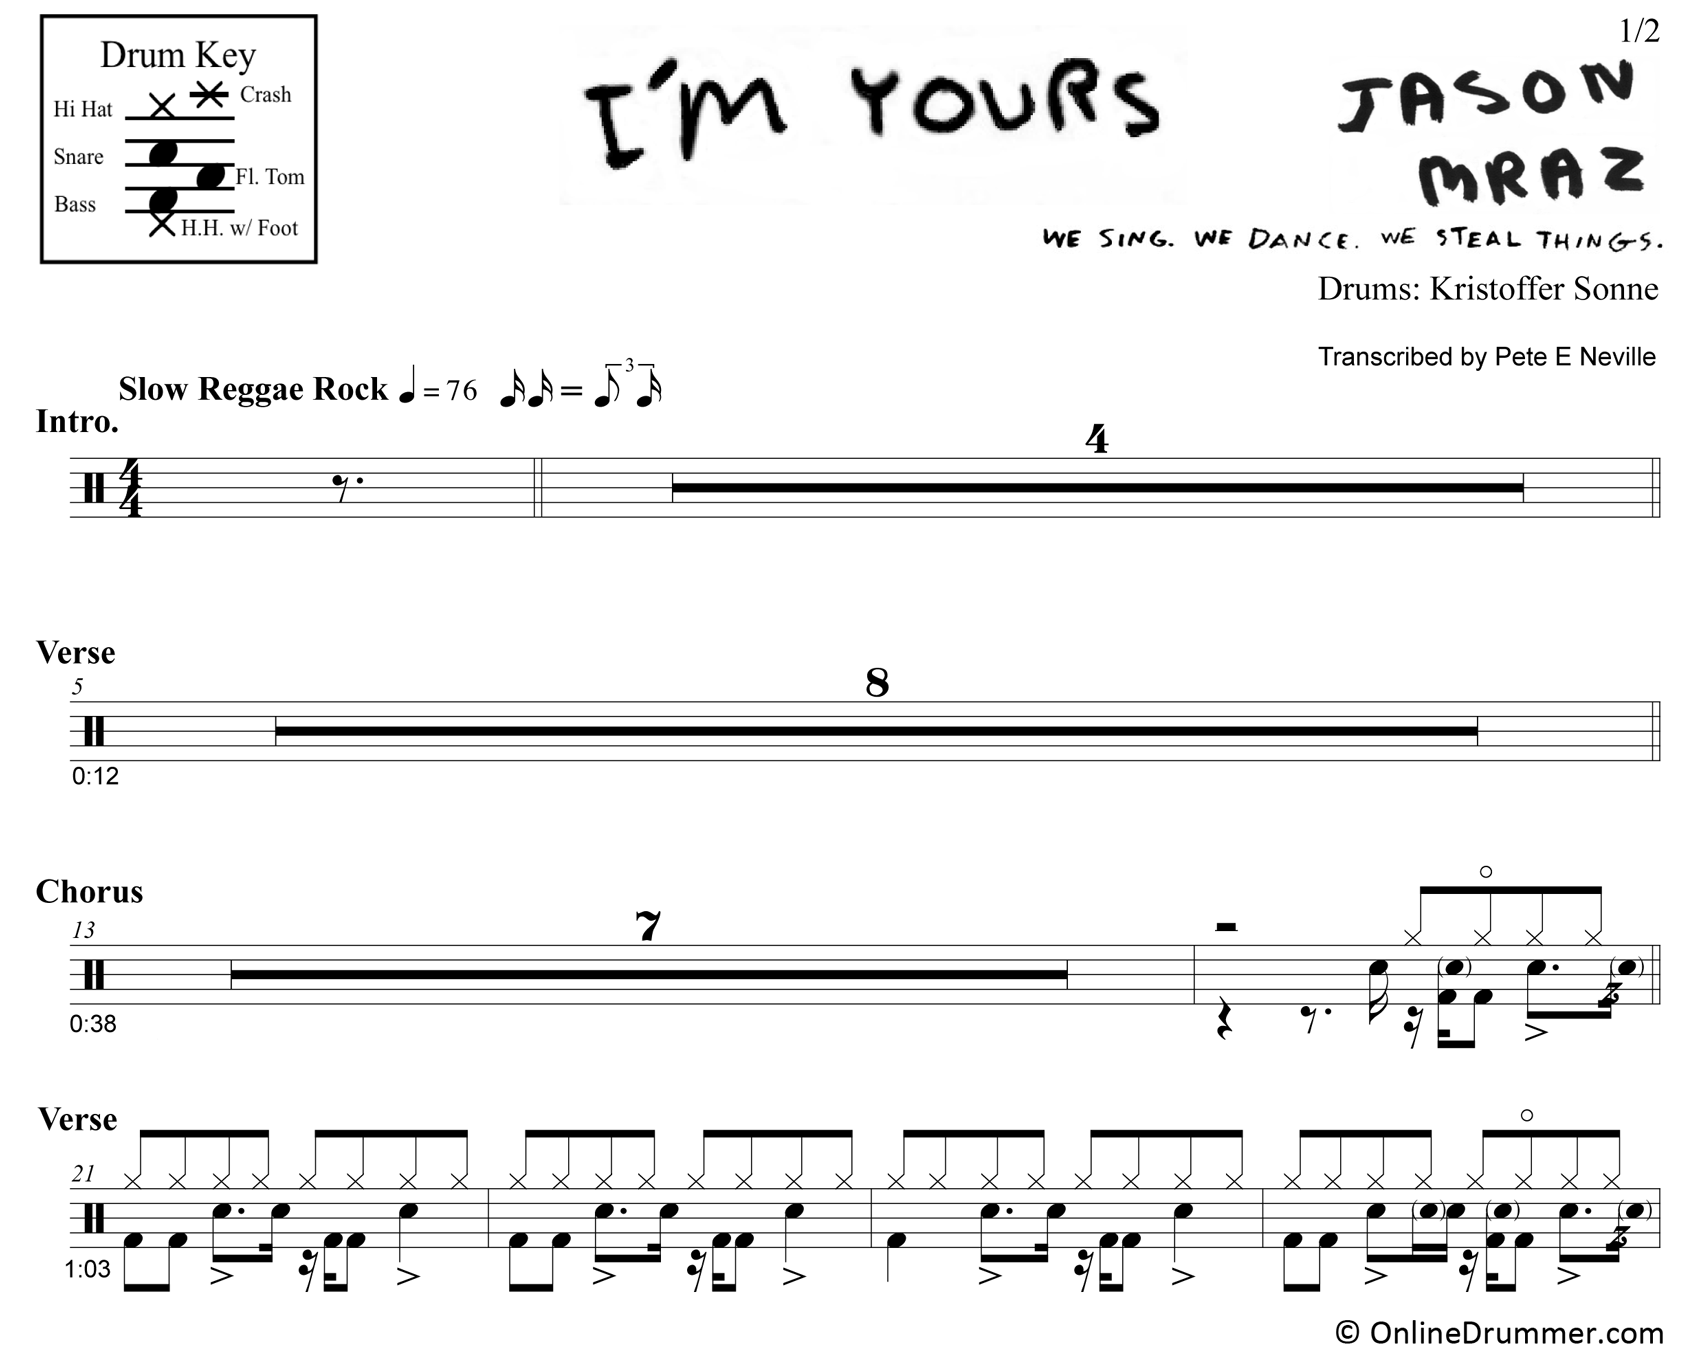 I'm Yours - Jason Mraz - Drum Sheet Music